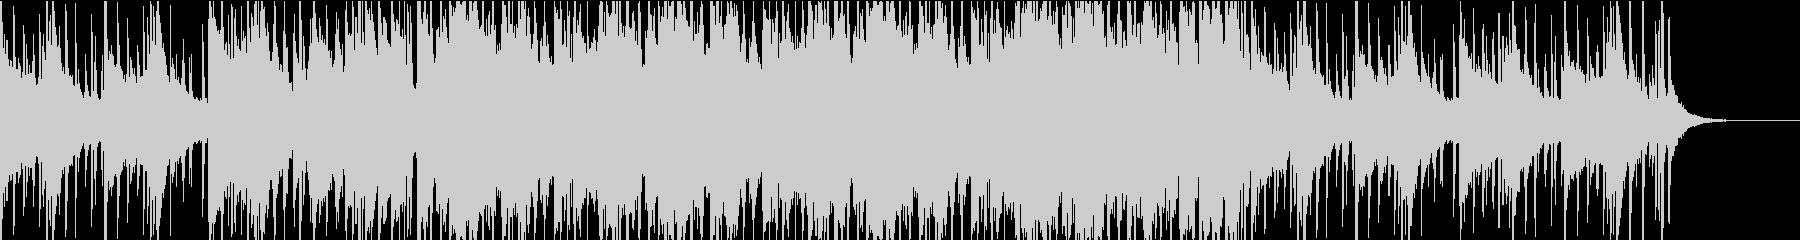 感動的なチルビートの未再生の波形